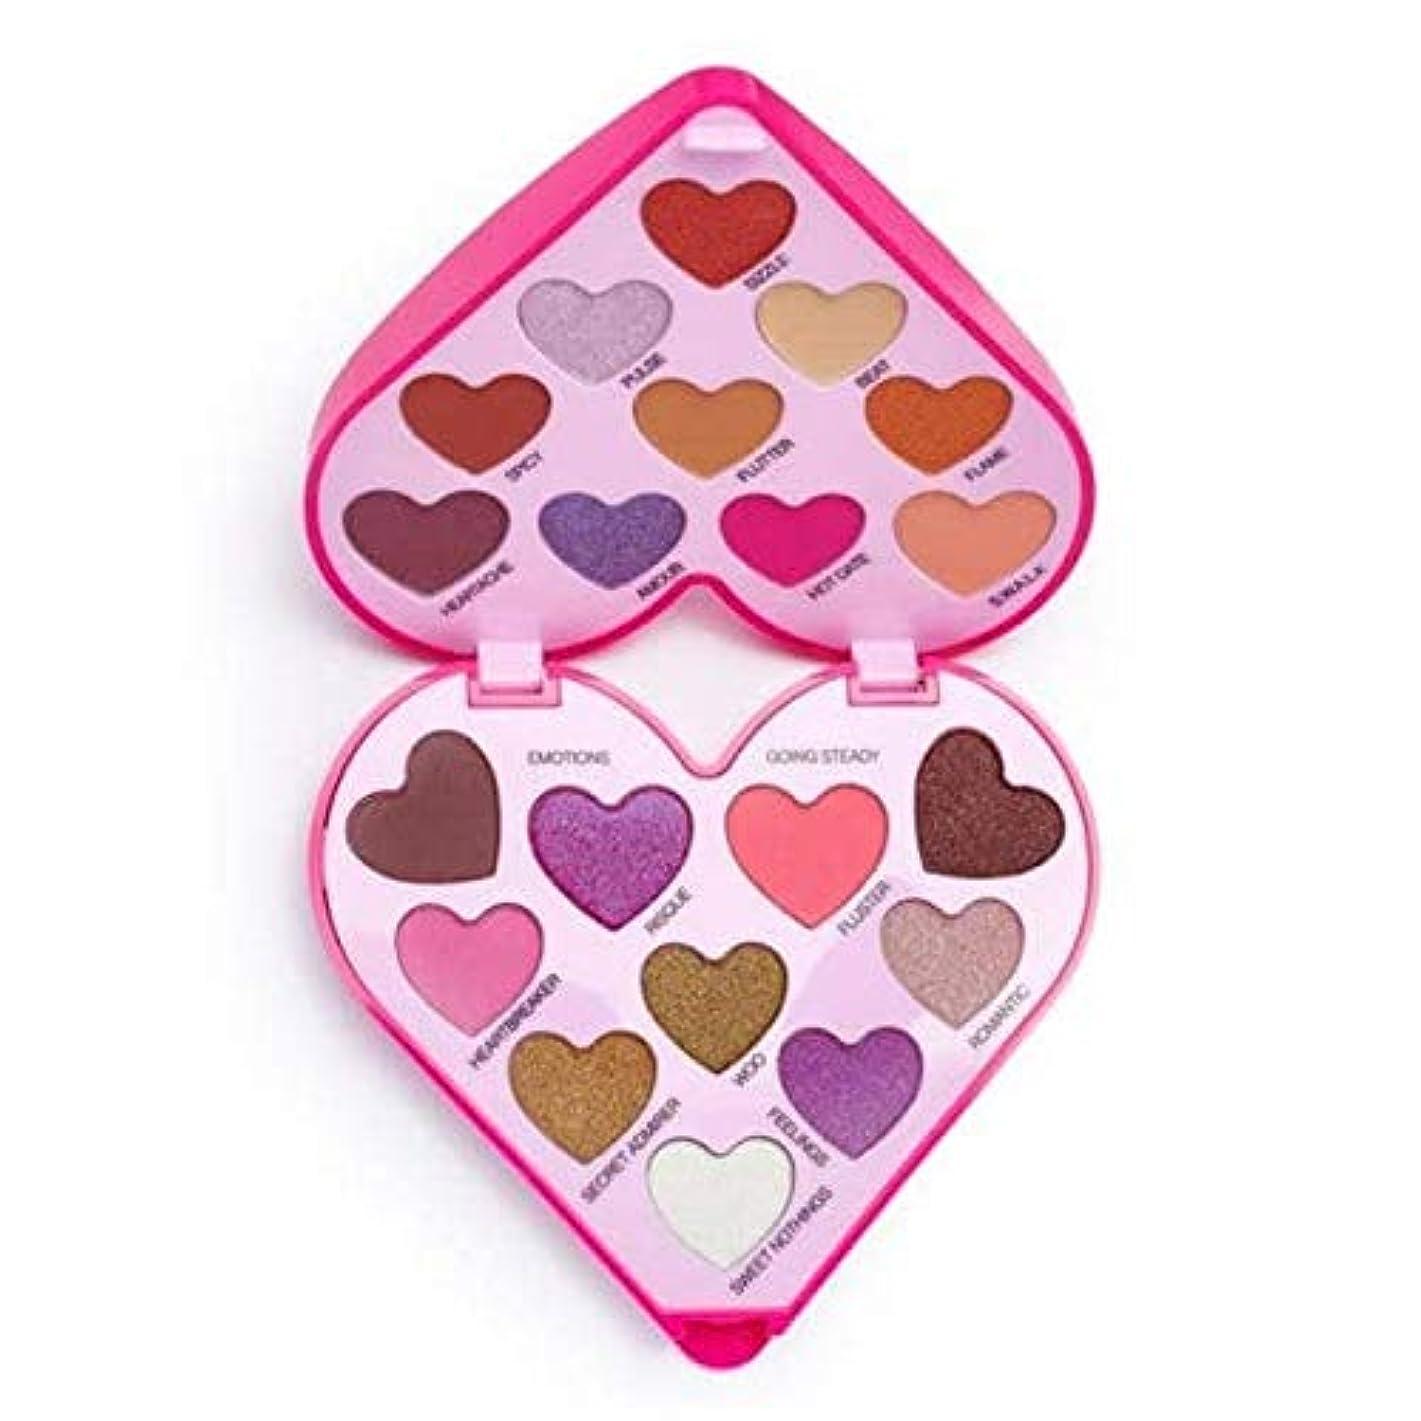 終点ネコ一杯[I Heart Revolution ] 私は心の革命のハートビートアイシャドウパレット - I Heart Revolution Heartbeat Eye Shadow Palette [並行輸入品]